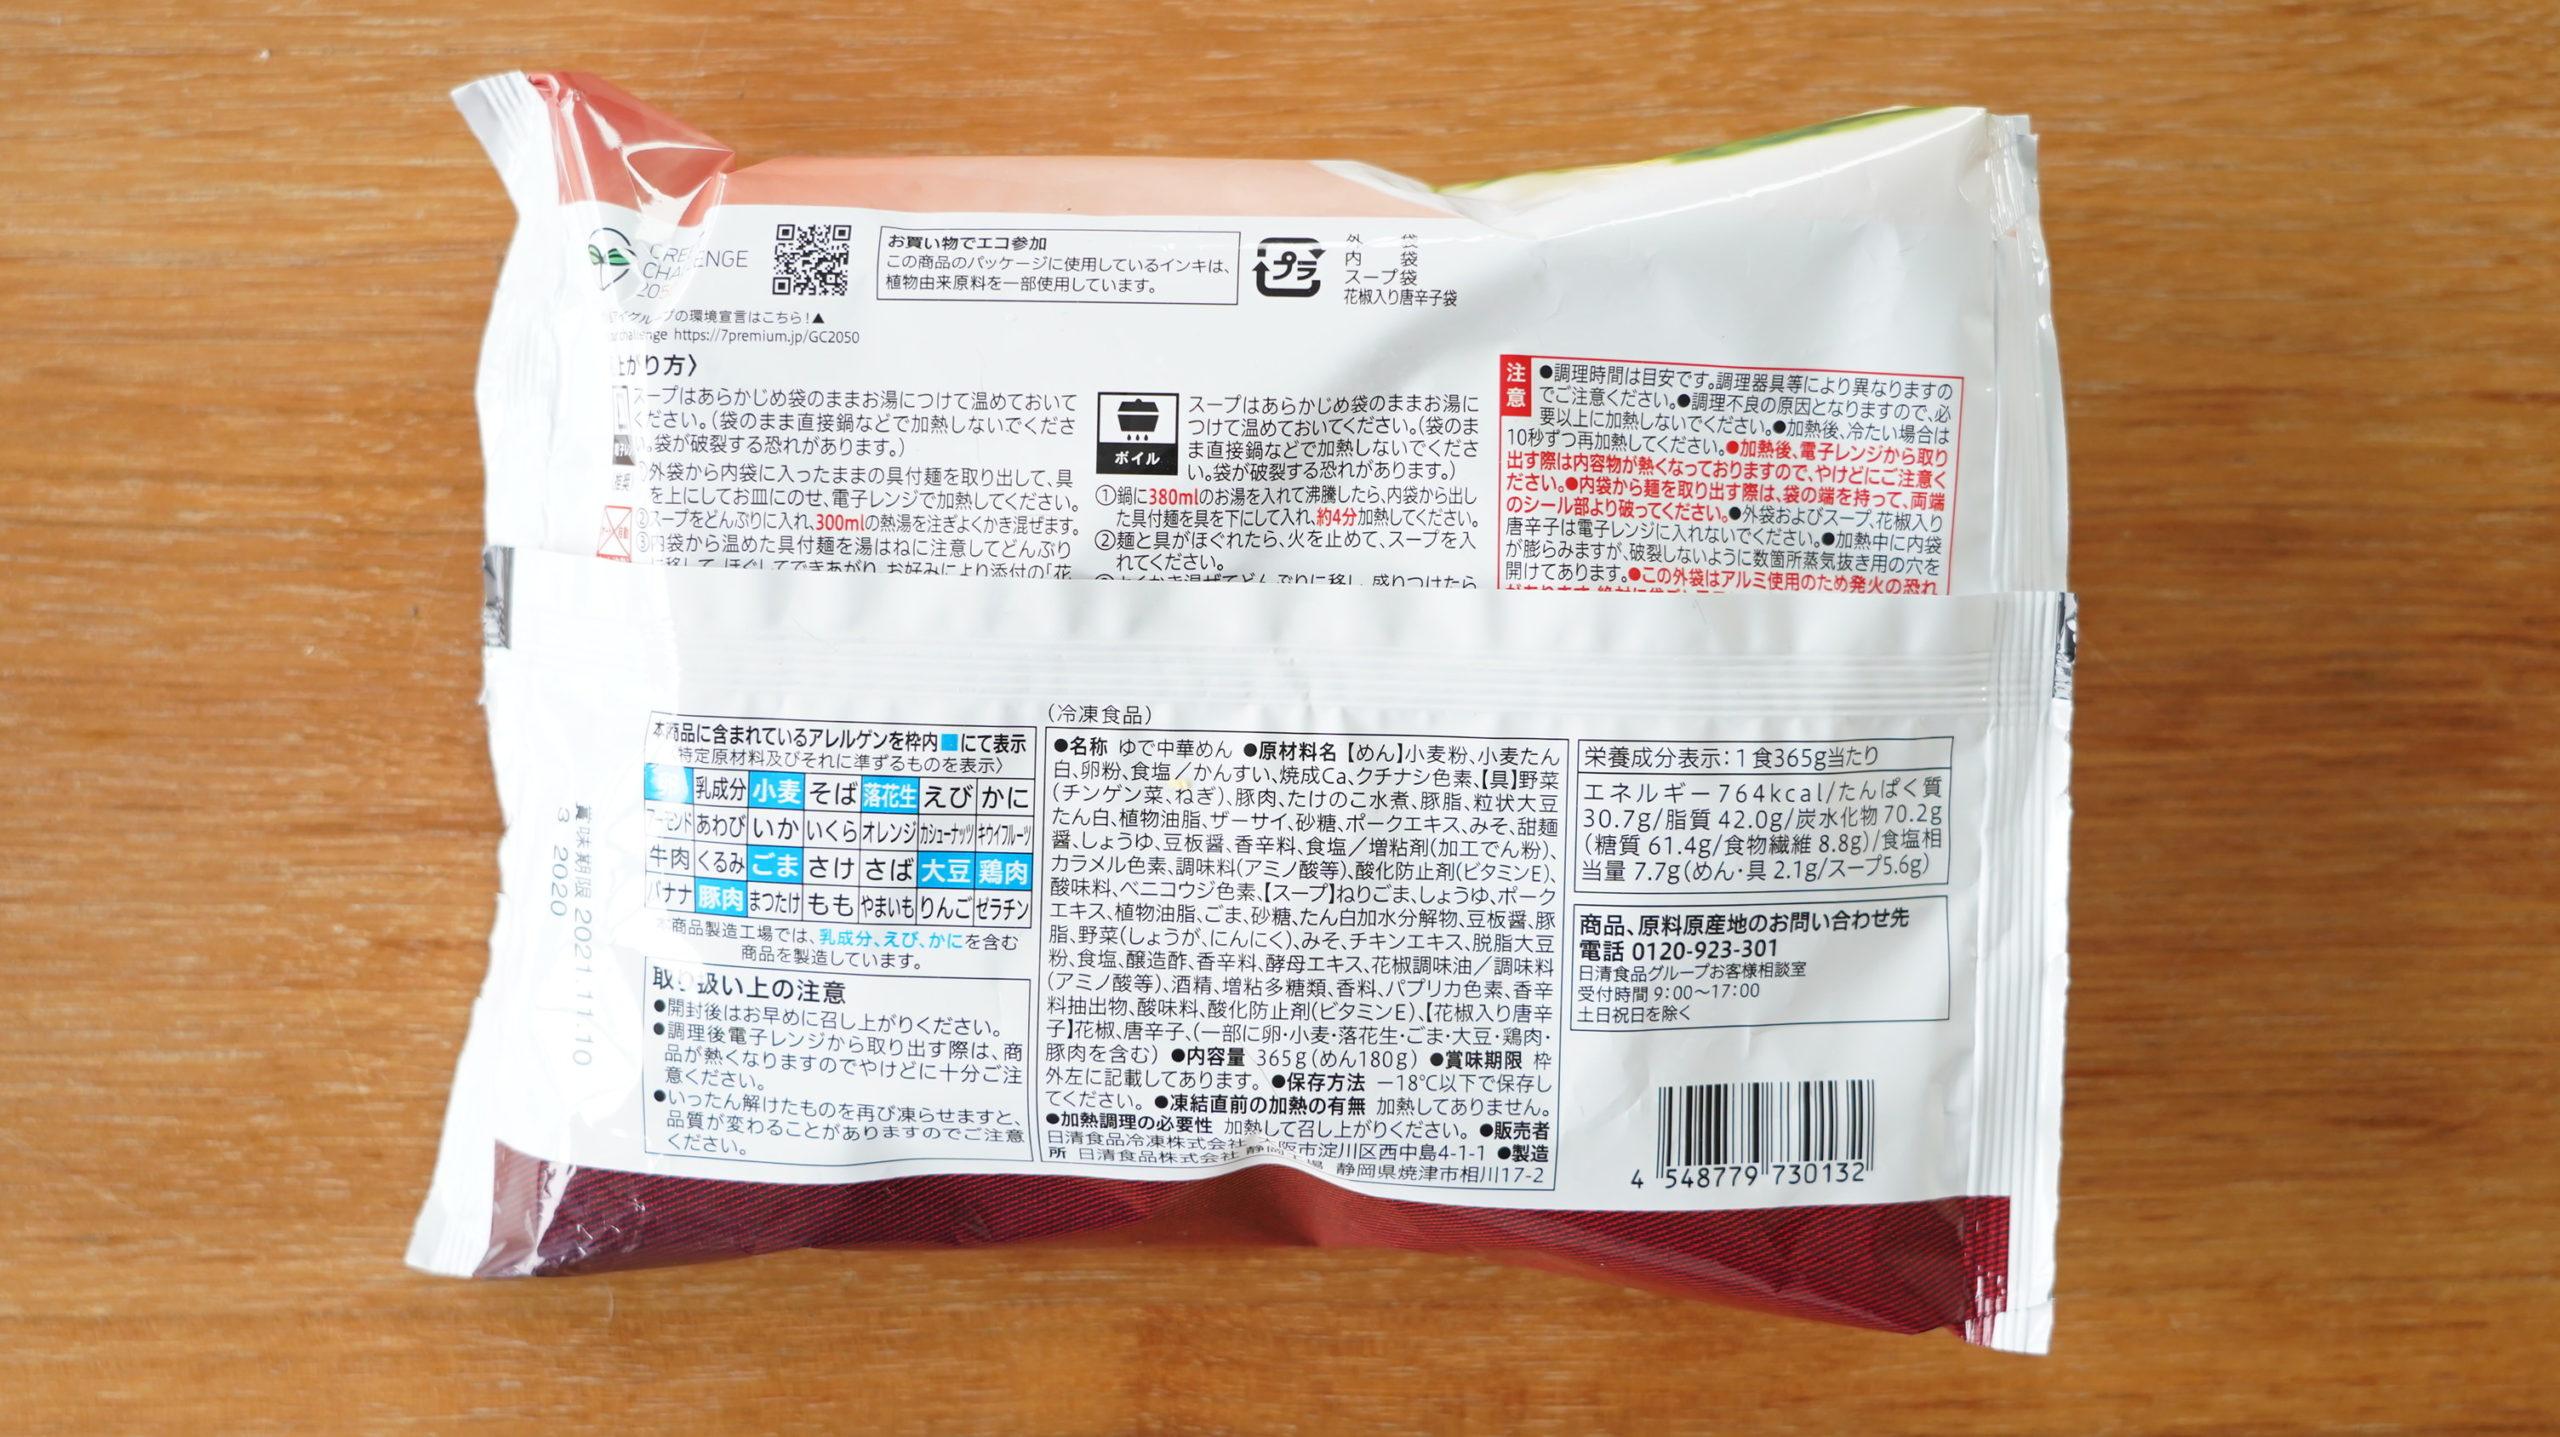 セブンイレブンの冷凍食品「胡麻が濃厚な坦々麺」のパッケージ裏面の写真